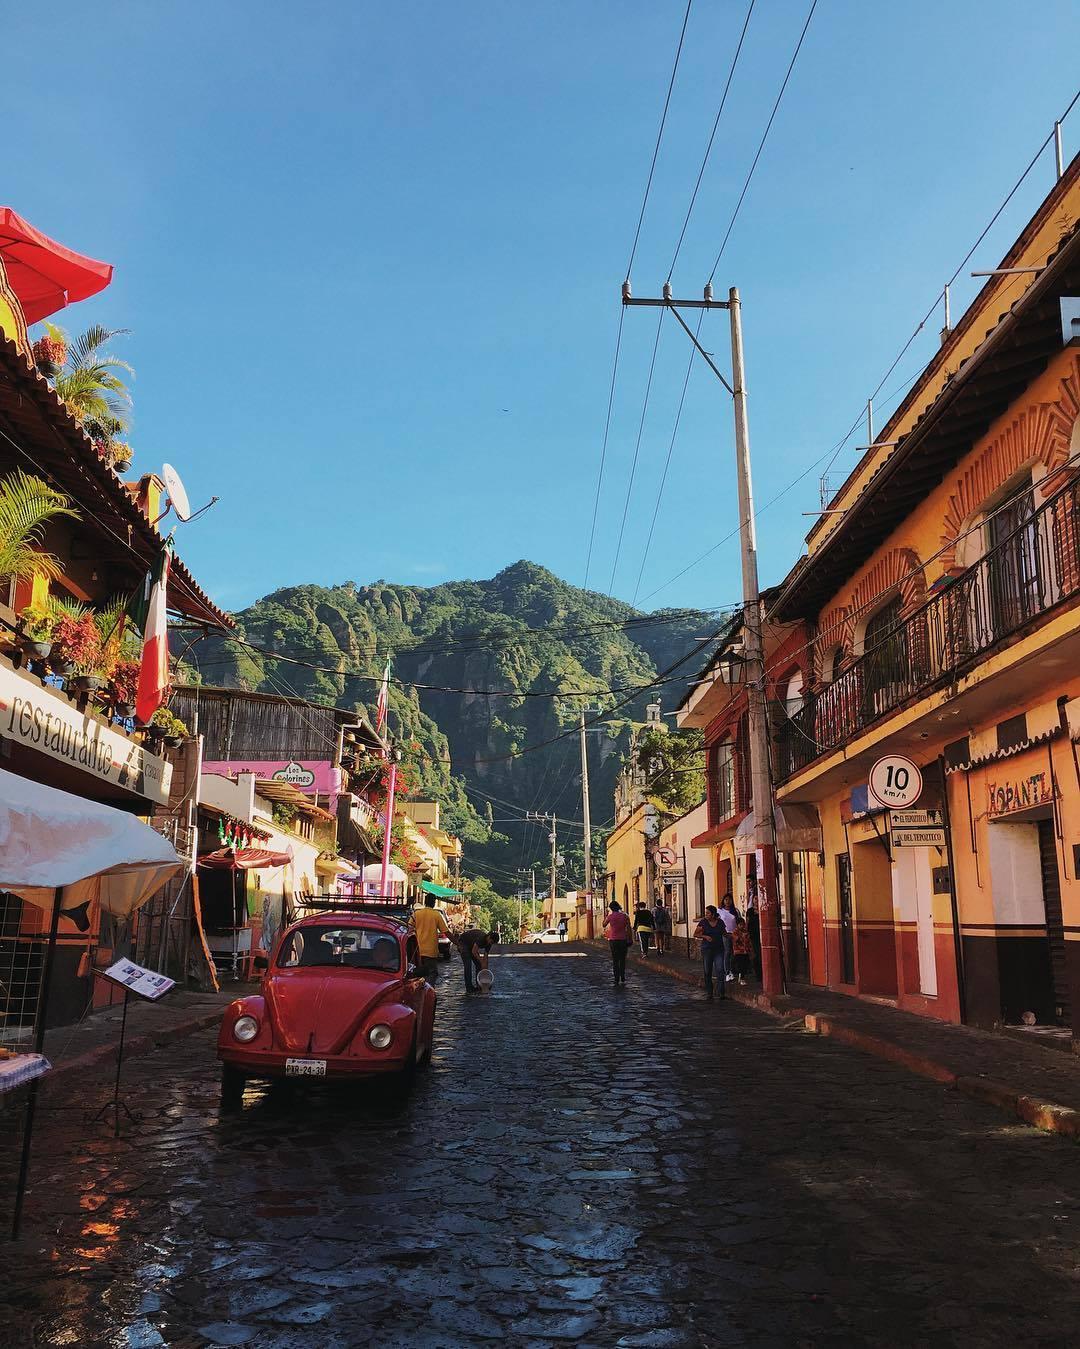 Una breve visita a Tepoztlán, Pueblo Mágico